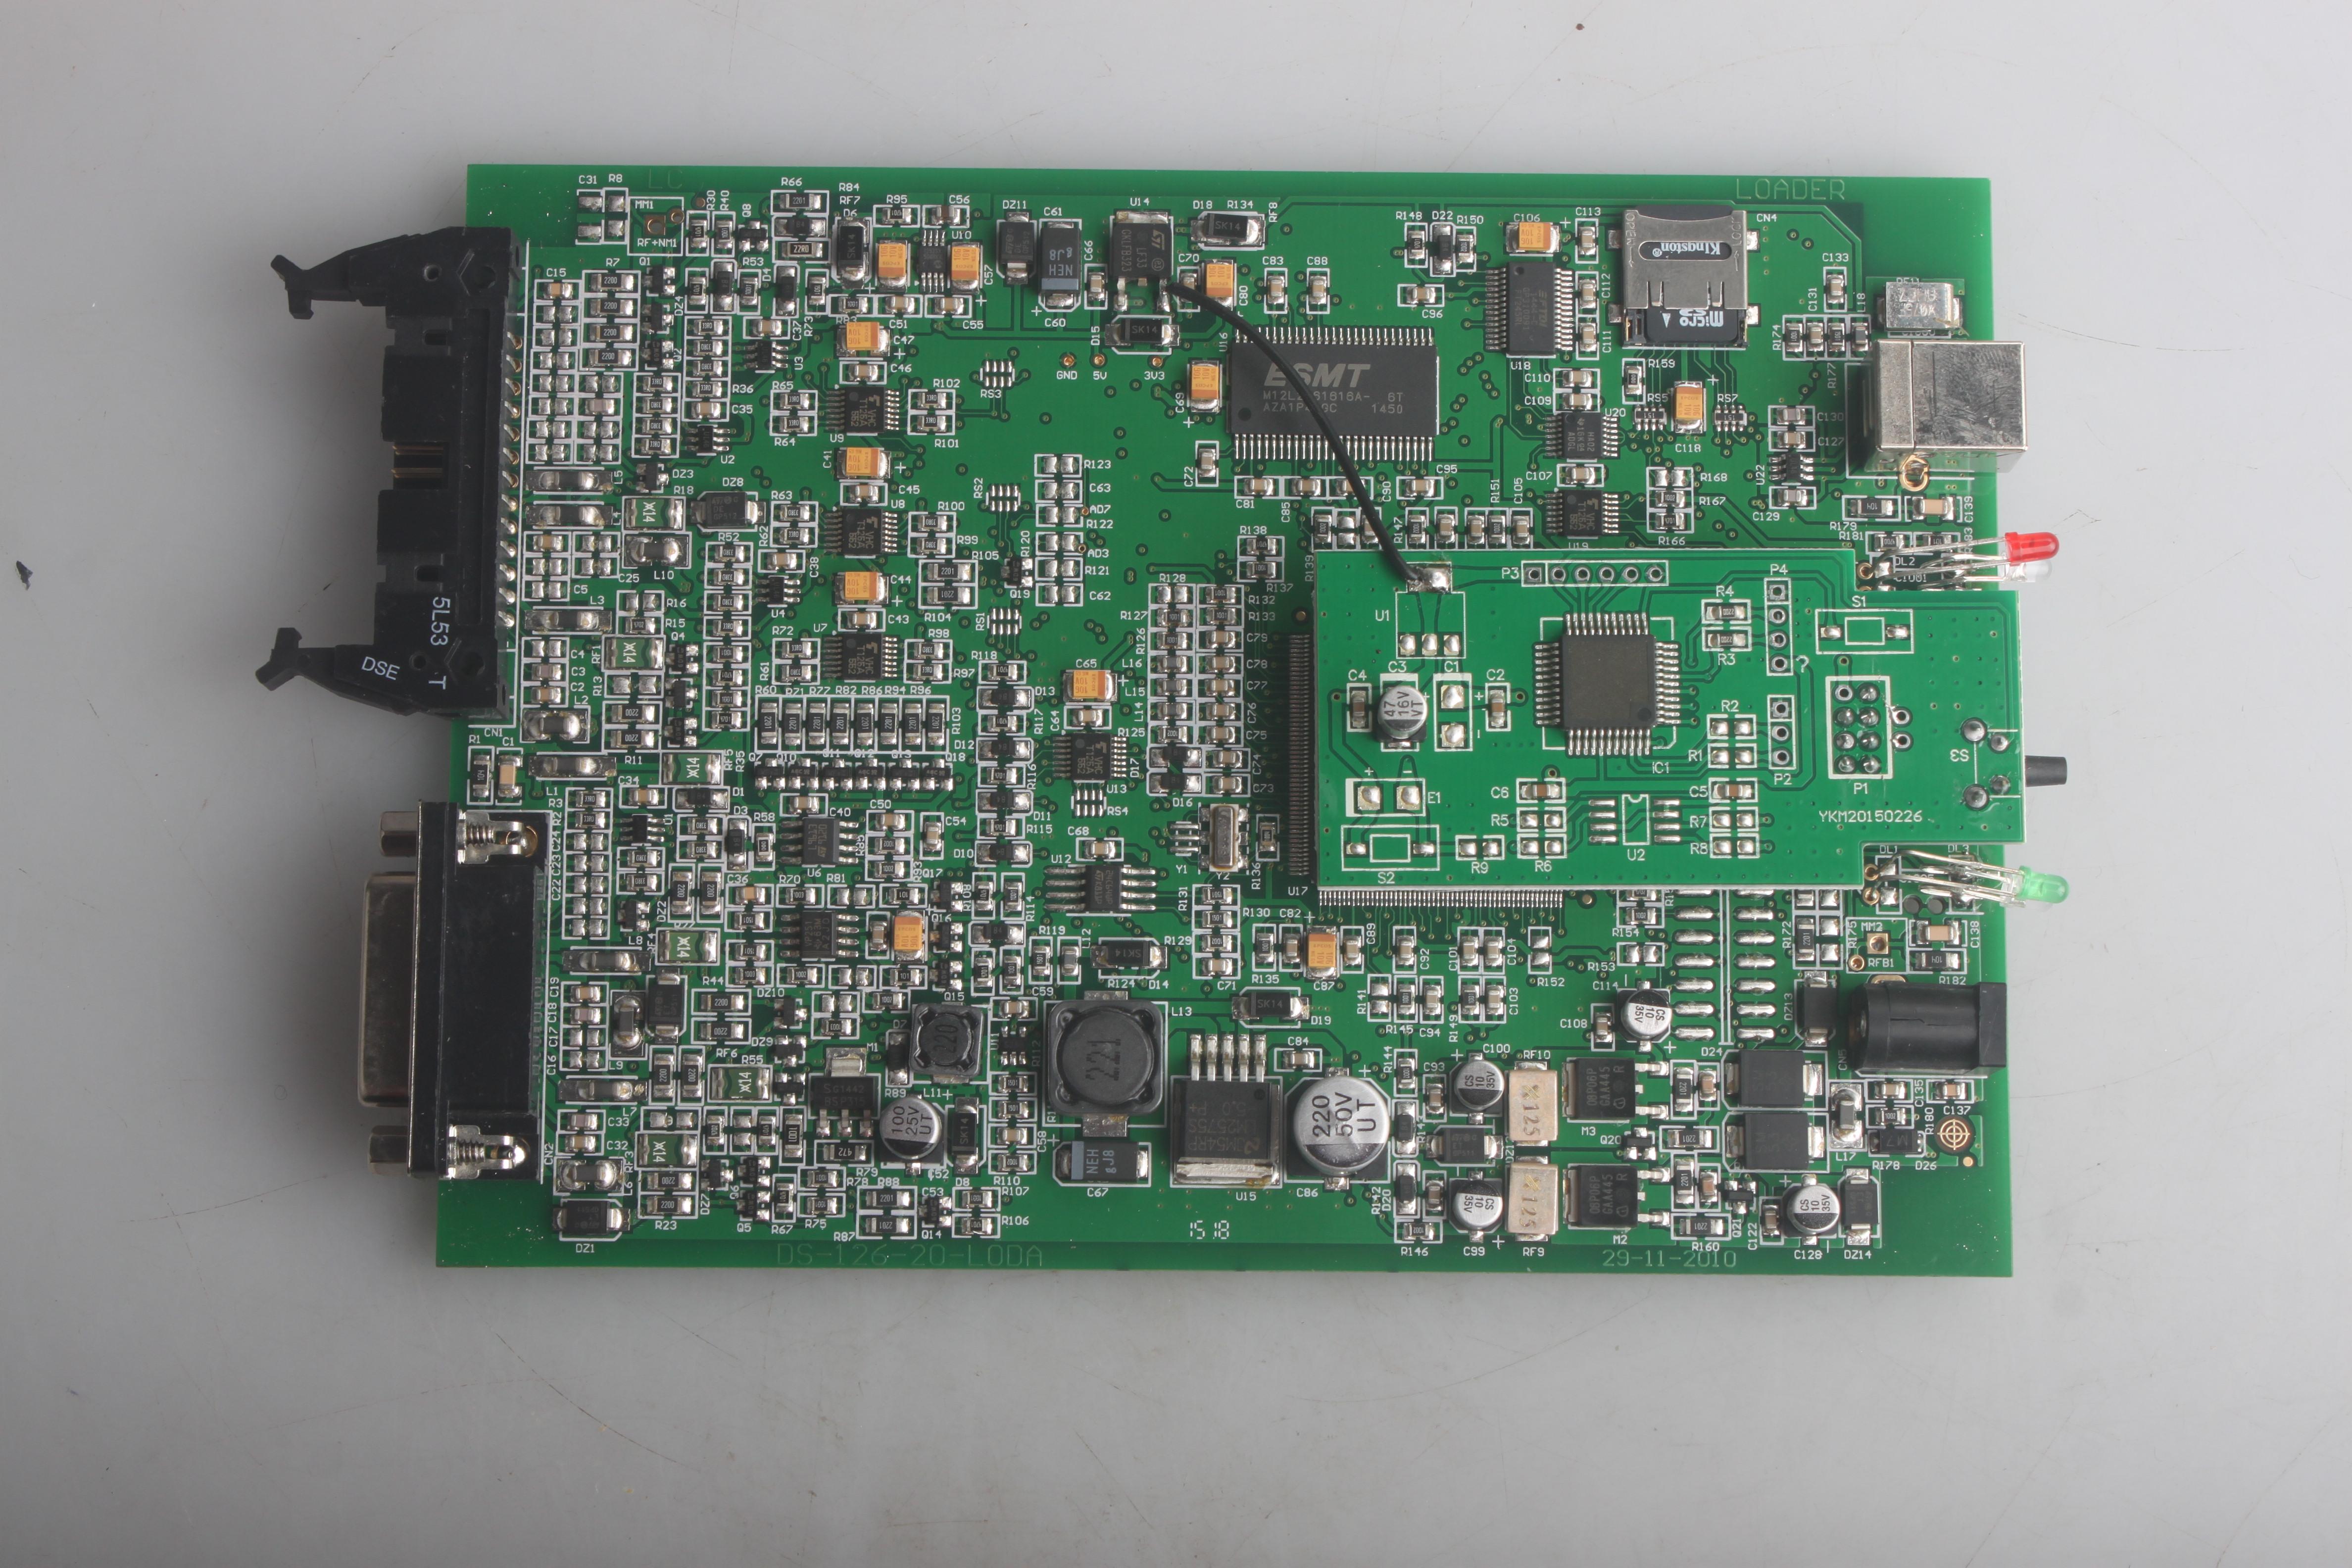 v2-13-fw-v7-003-ktm100-ktag-master-version-front-se80-d